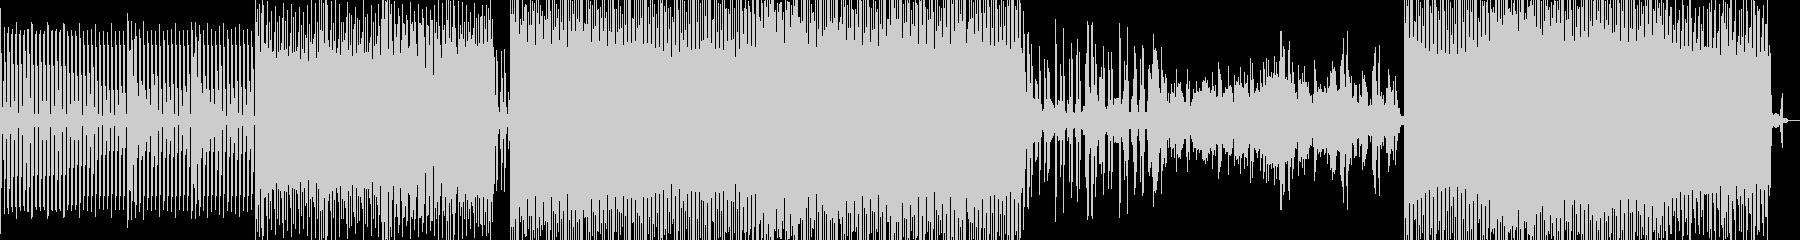 アシッドジャズの雰囲気漂うアンビエントの未再生の波形